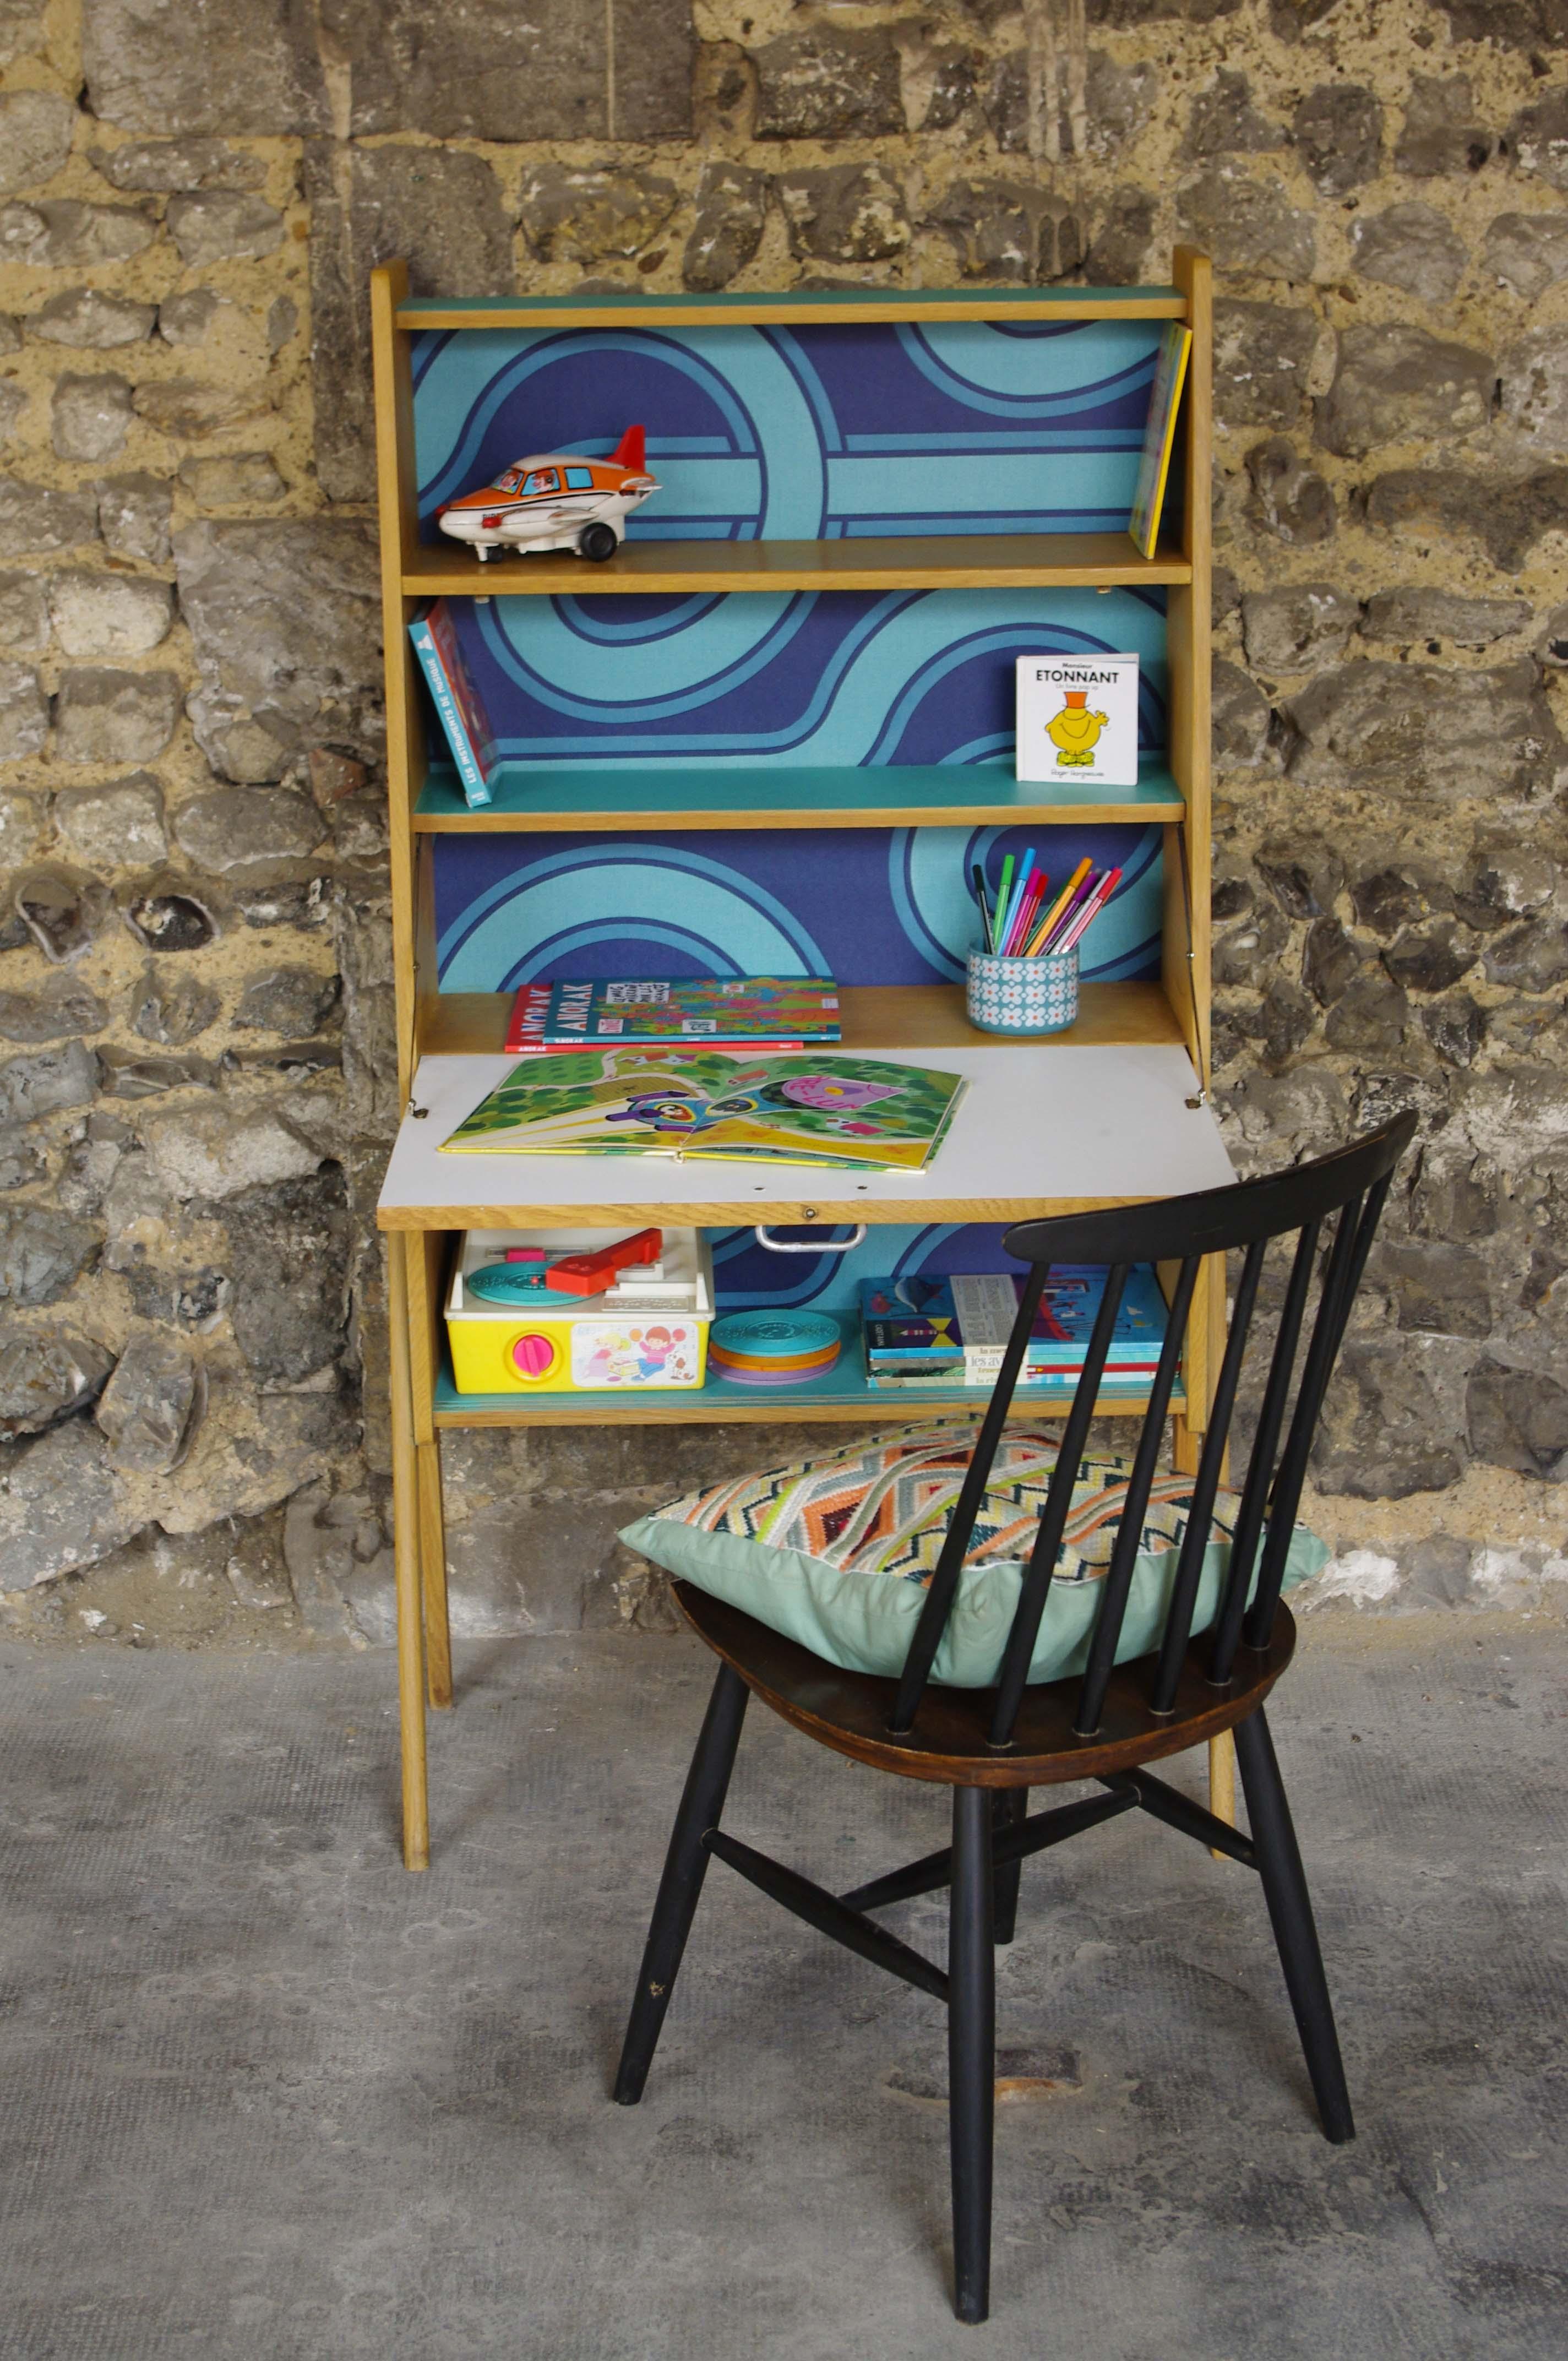 secr taire vintage ann es 50 pieds compas zeze 4 rayr concept mobilier vintage. Black Bedroom Furniture Sets. Home Design Ideas